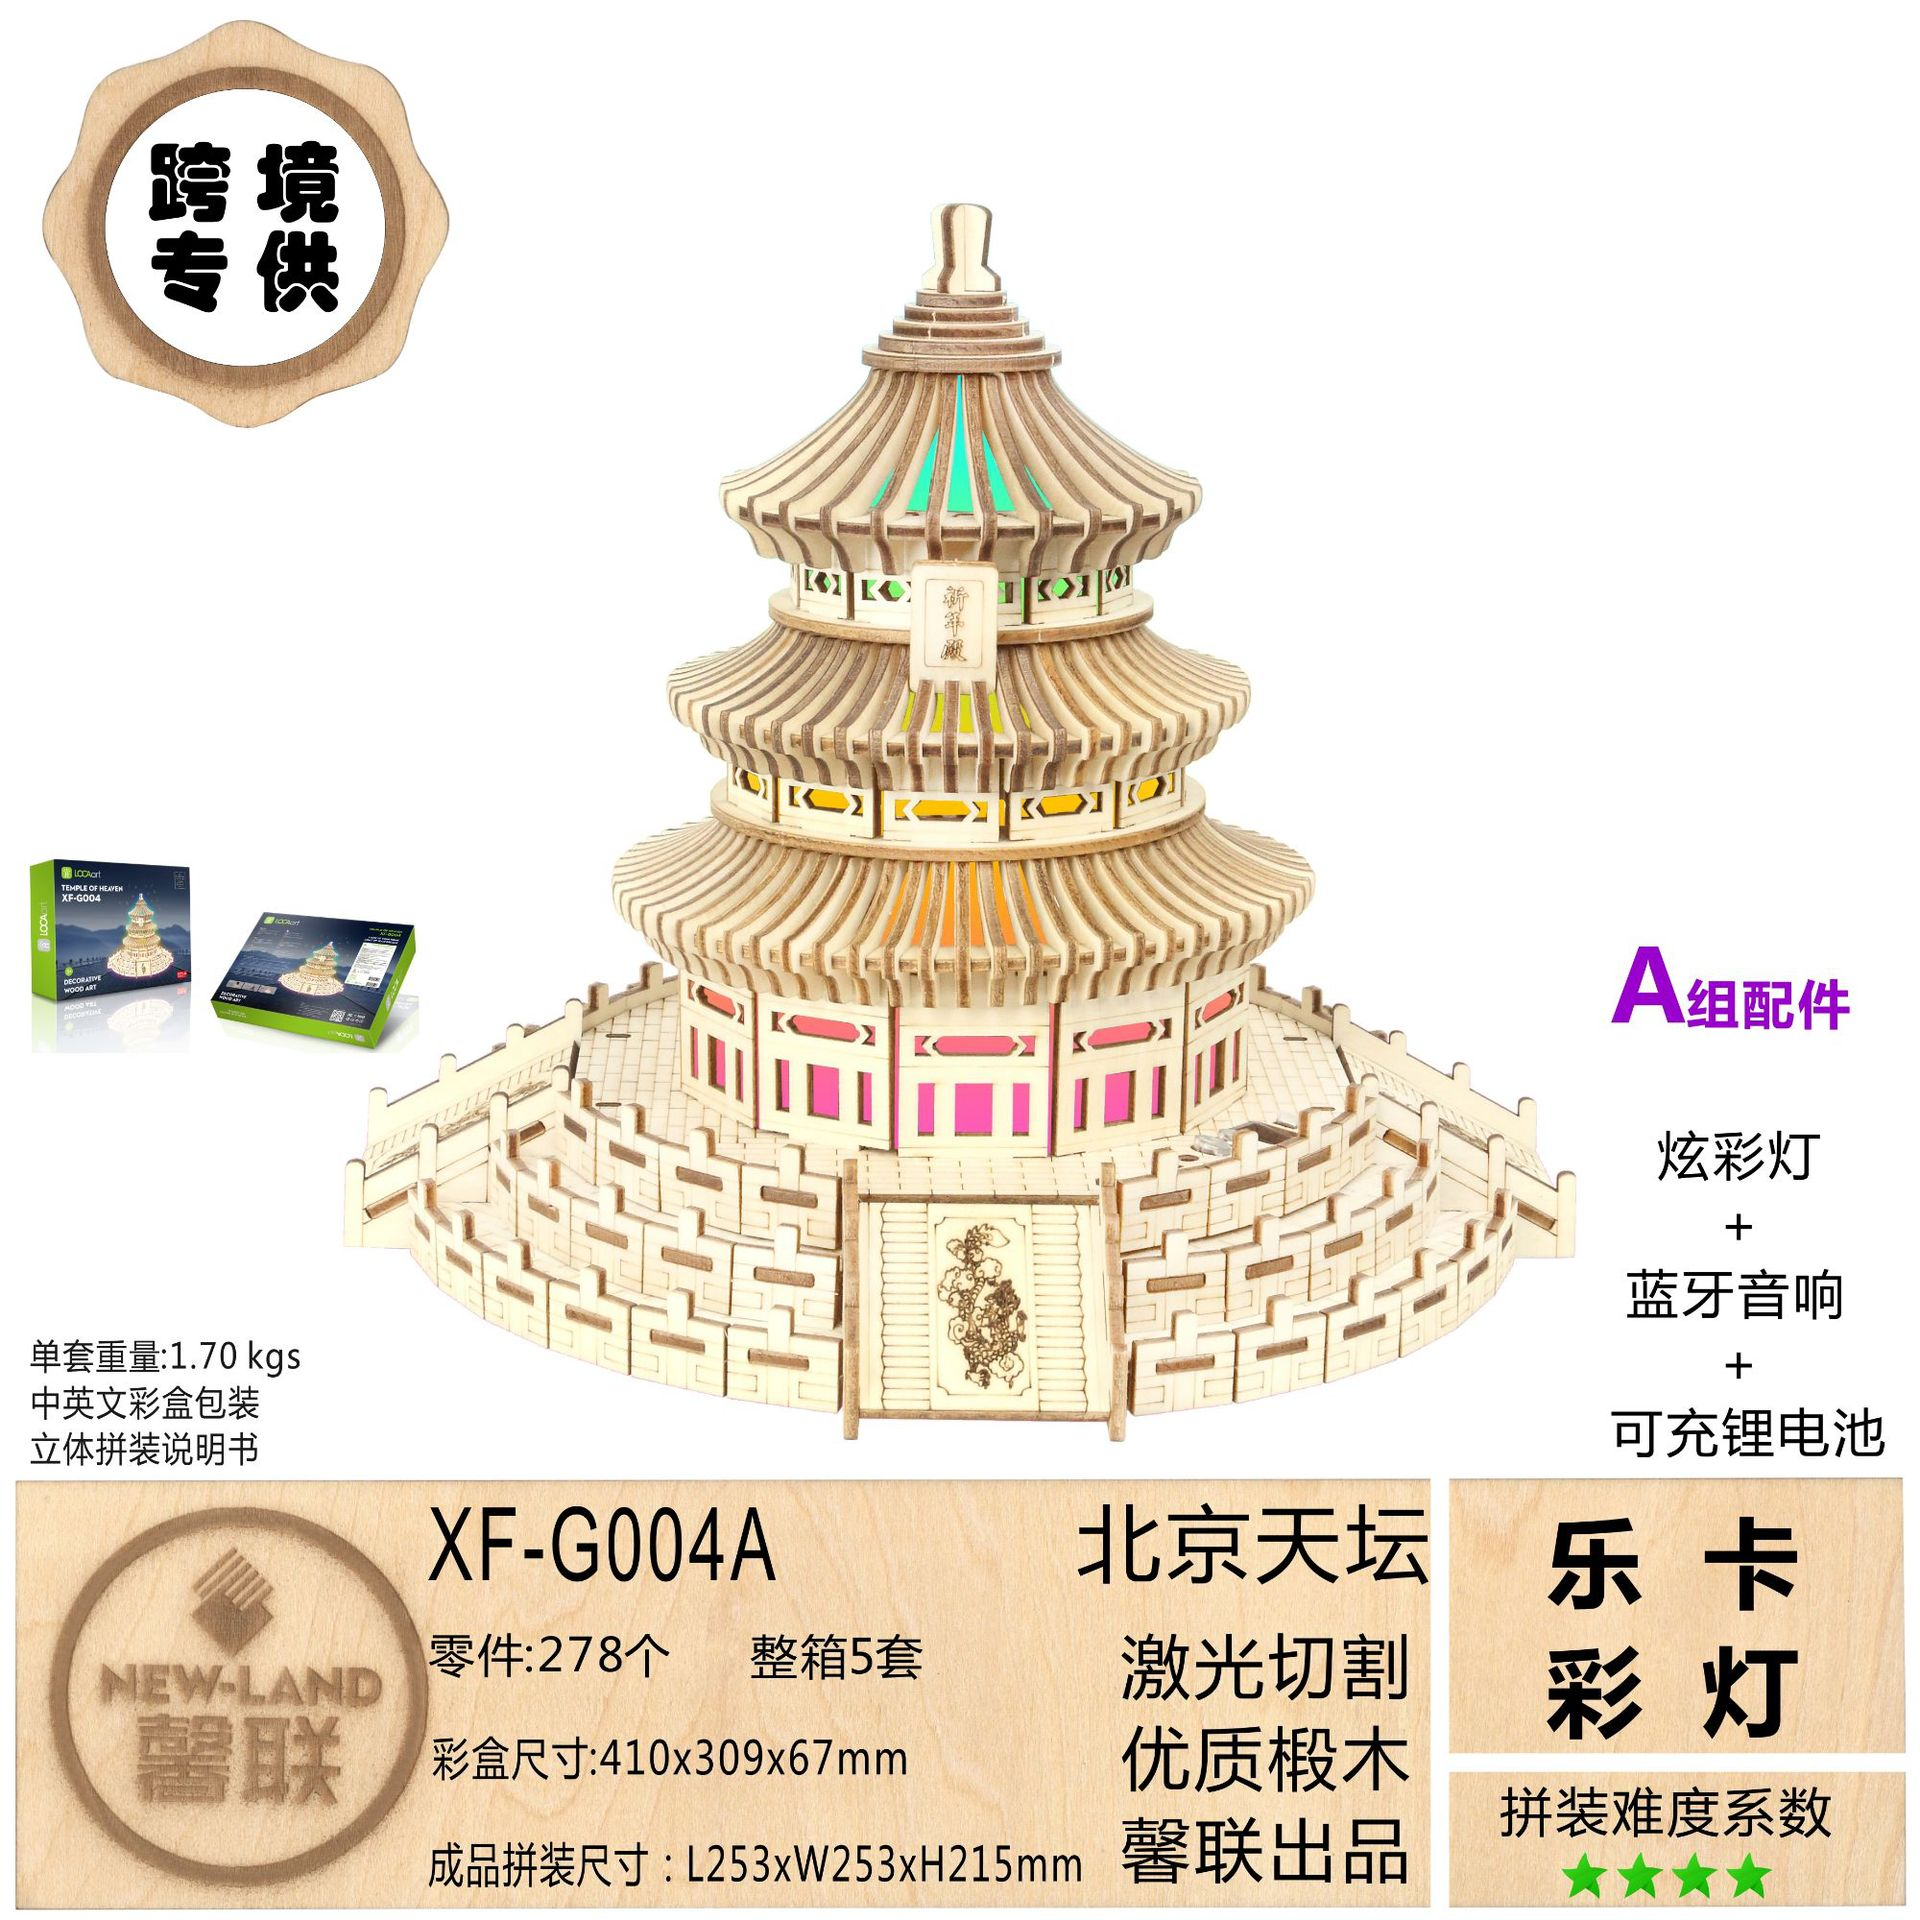 Пекин Tiantan красочный светильник (группа) 3D модель 3D головоломка модель головоломка лазерная обработка - 2